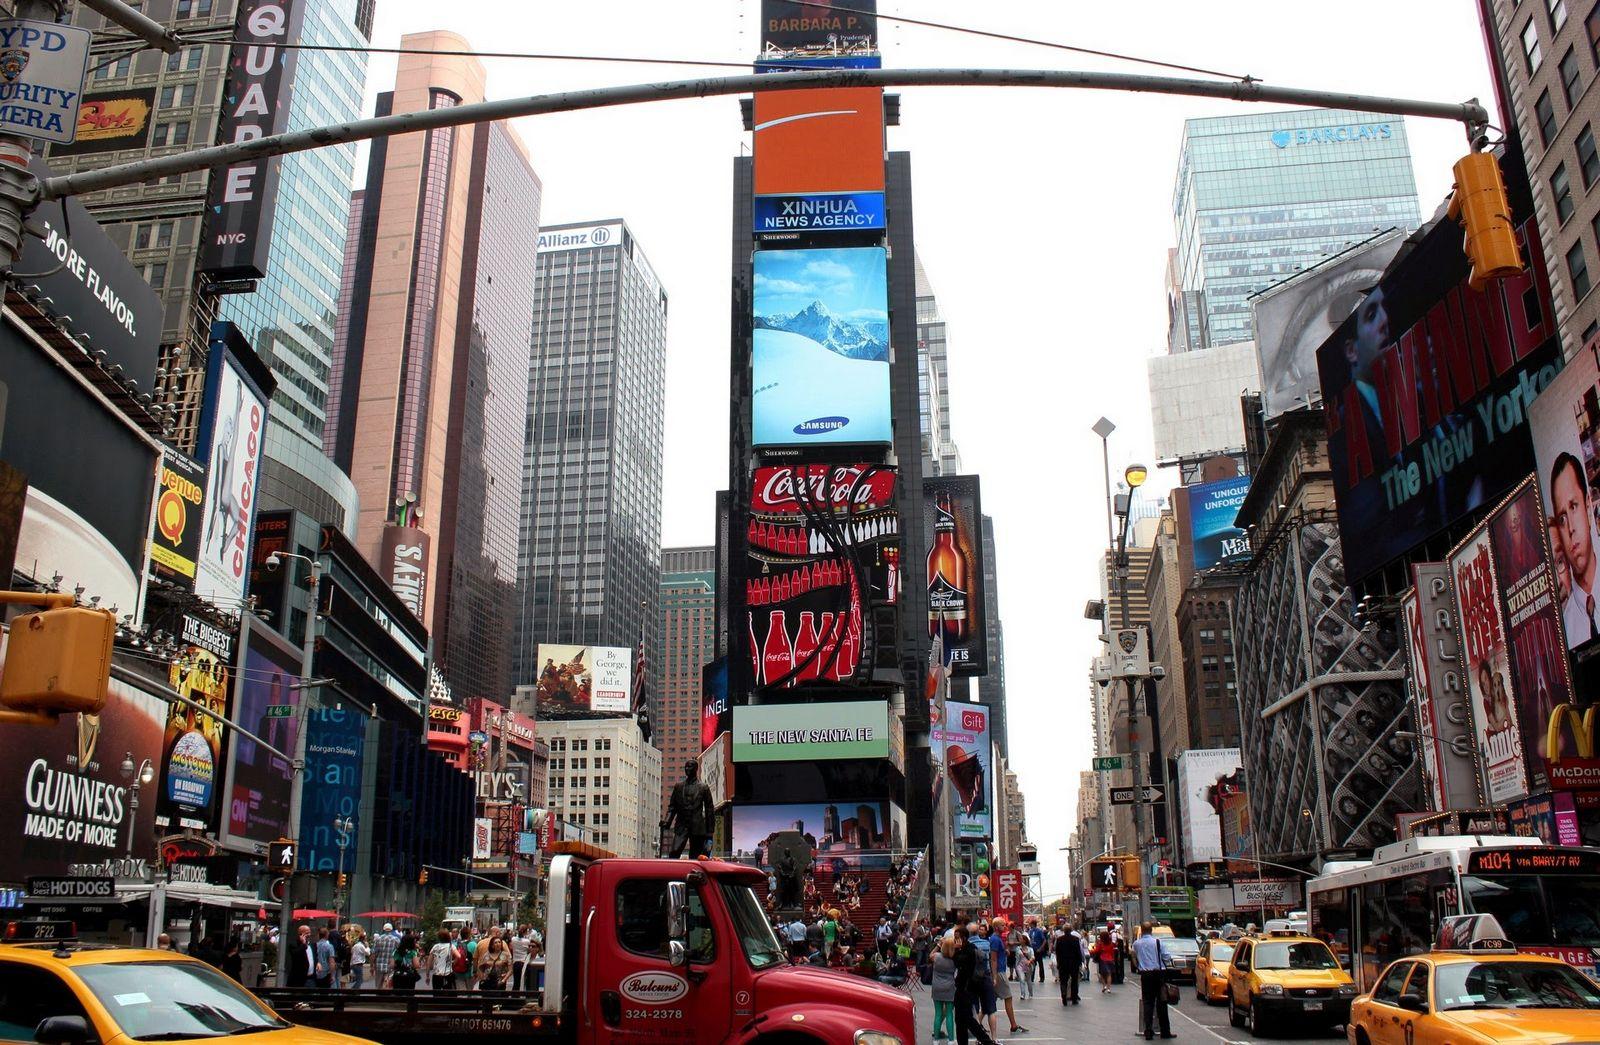 El anuncio de Coca-Cola, otra seña de Times Square